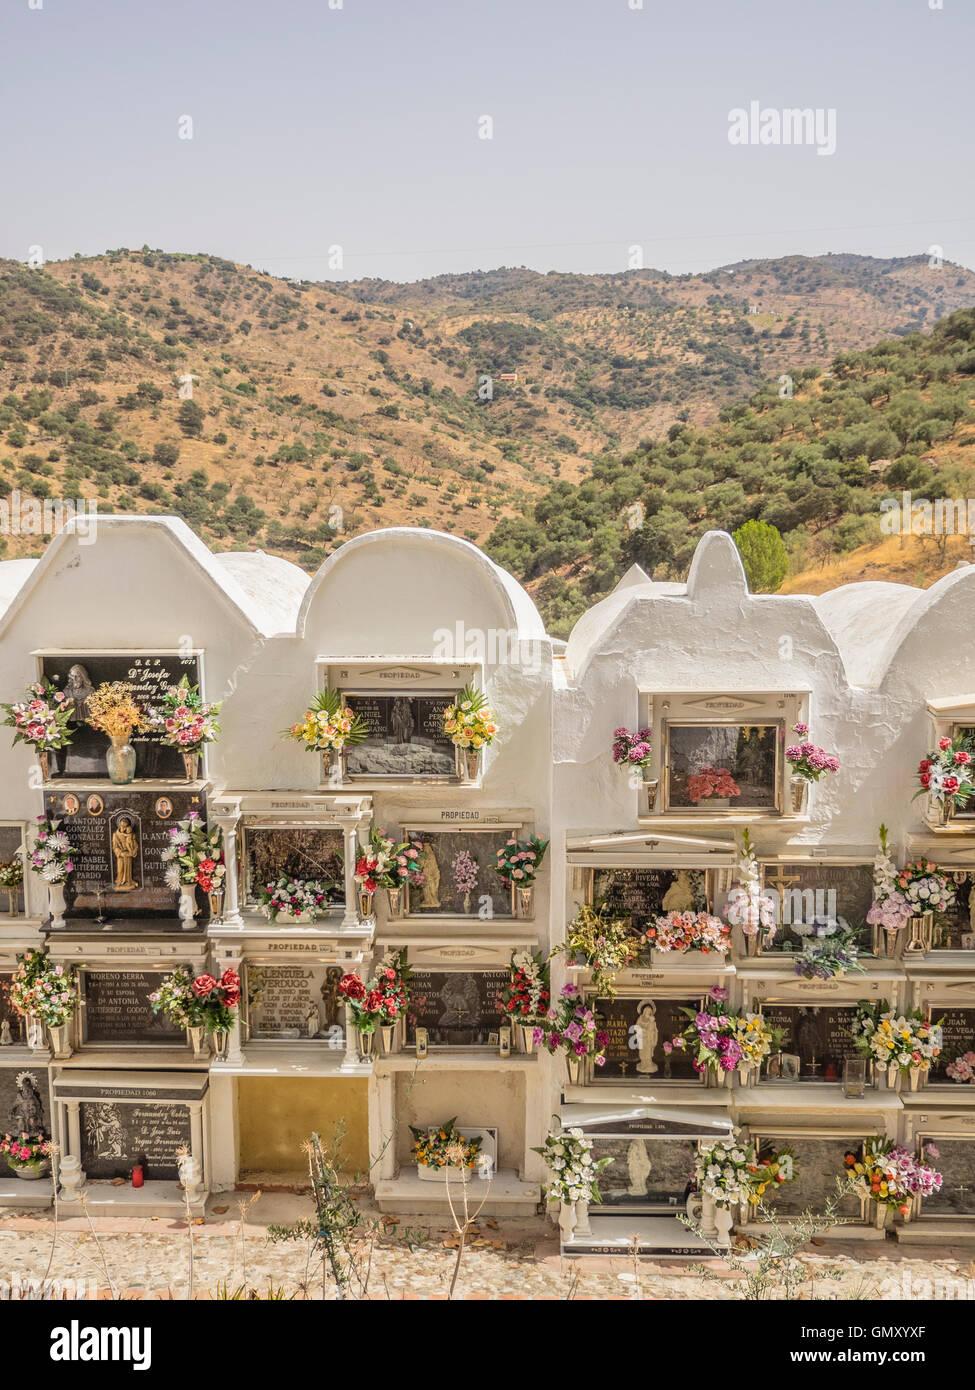 Burial Vaults Burial Vault Stock Photos & Burial Vaults Burial Vault ...